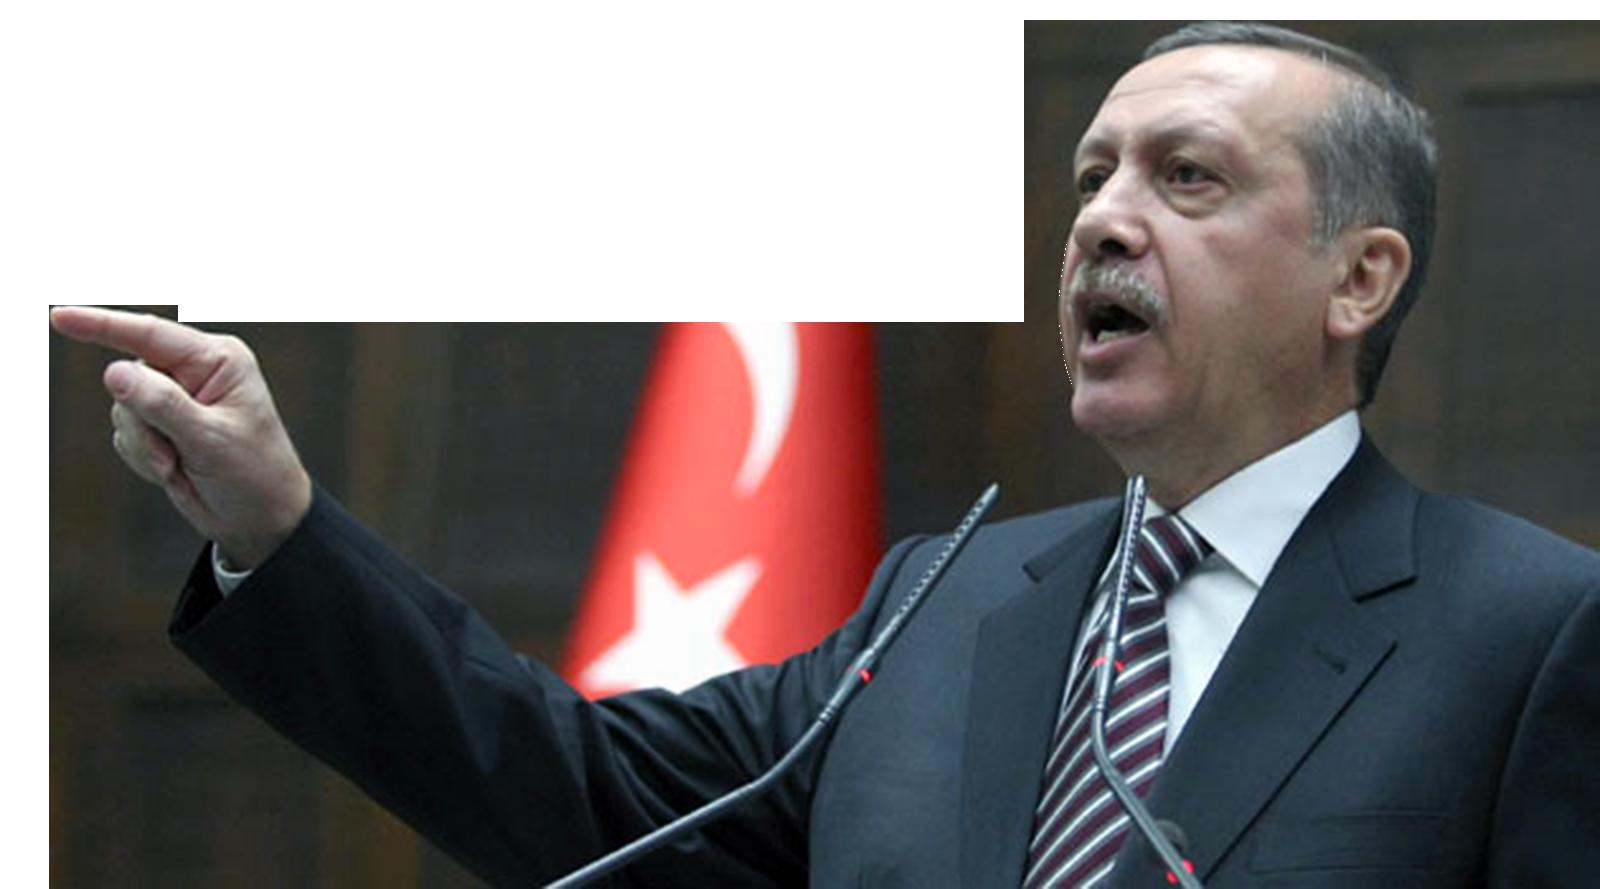 recep tayyip erdoğan png photoshop ile ilgili görsel sonucu